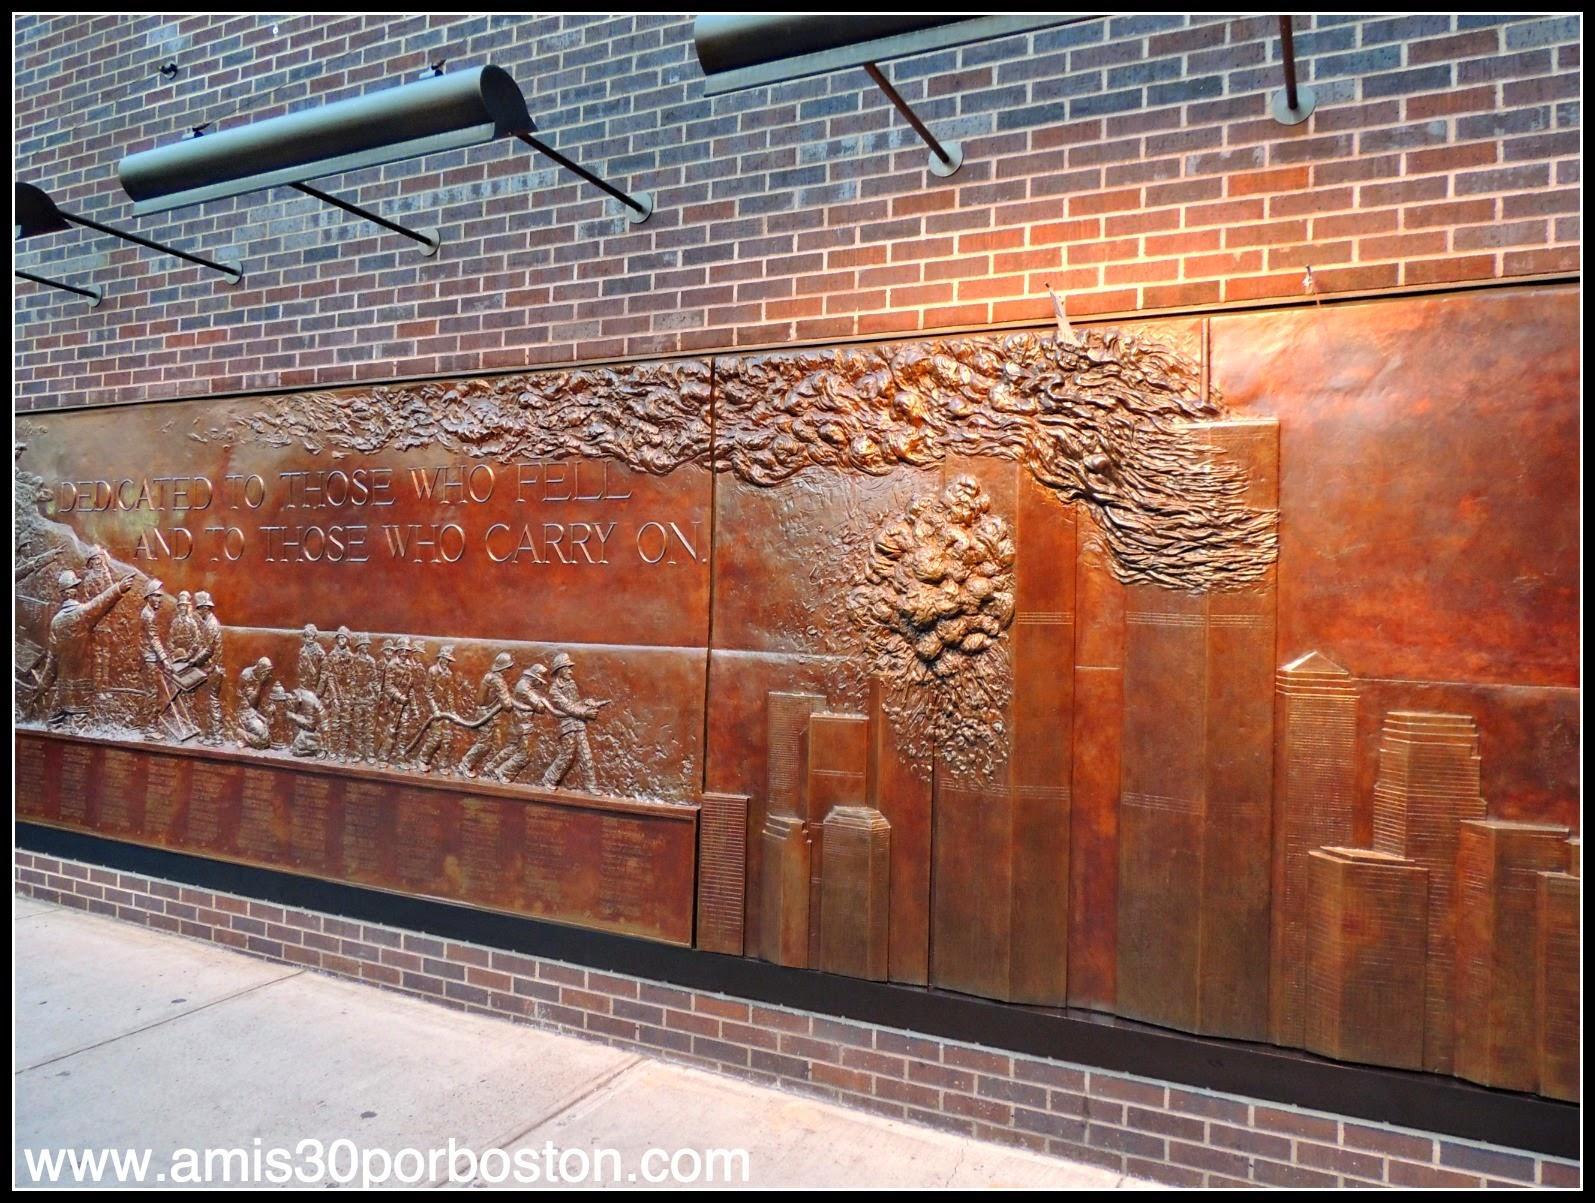 Segunda Visita a Nueva York: FDNY Memorial Wall